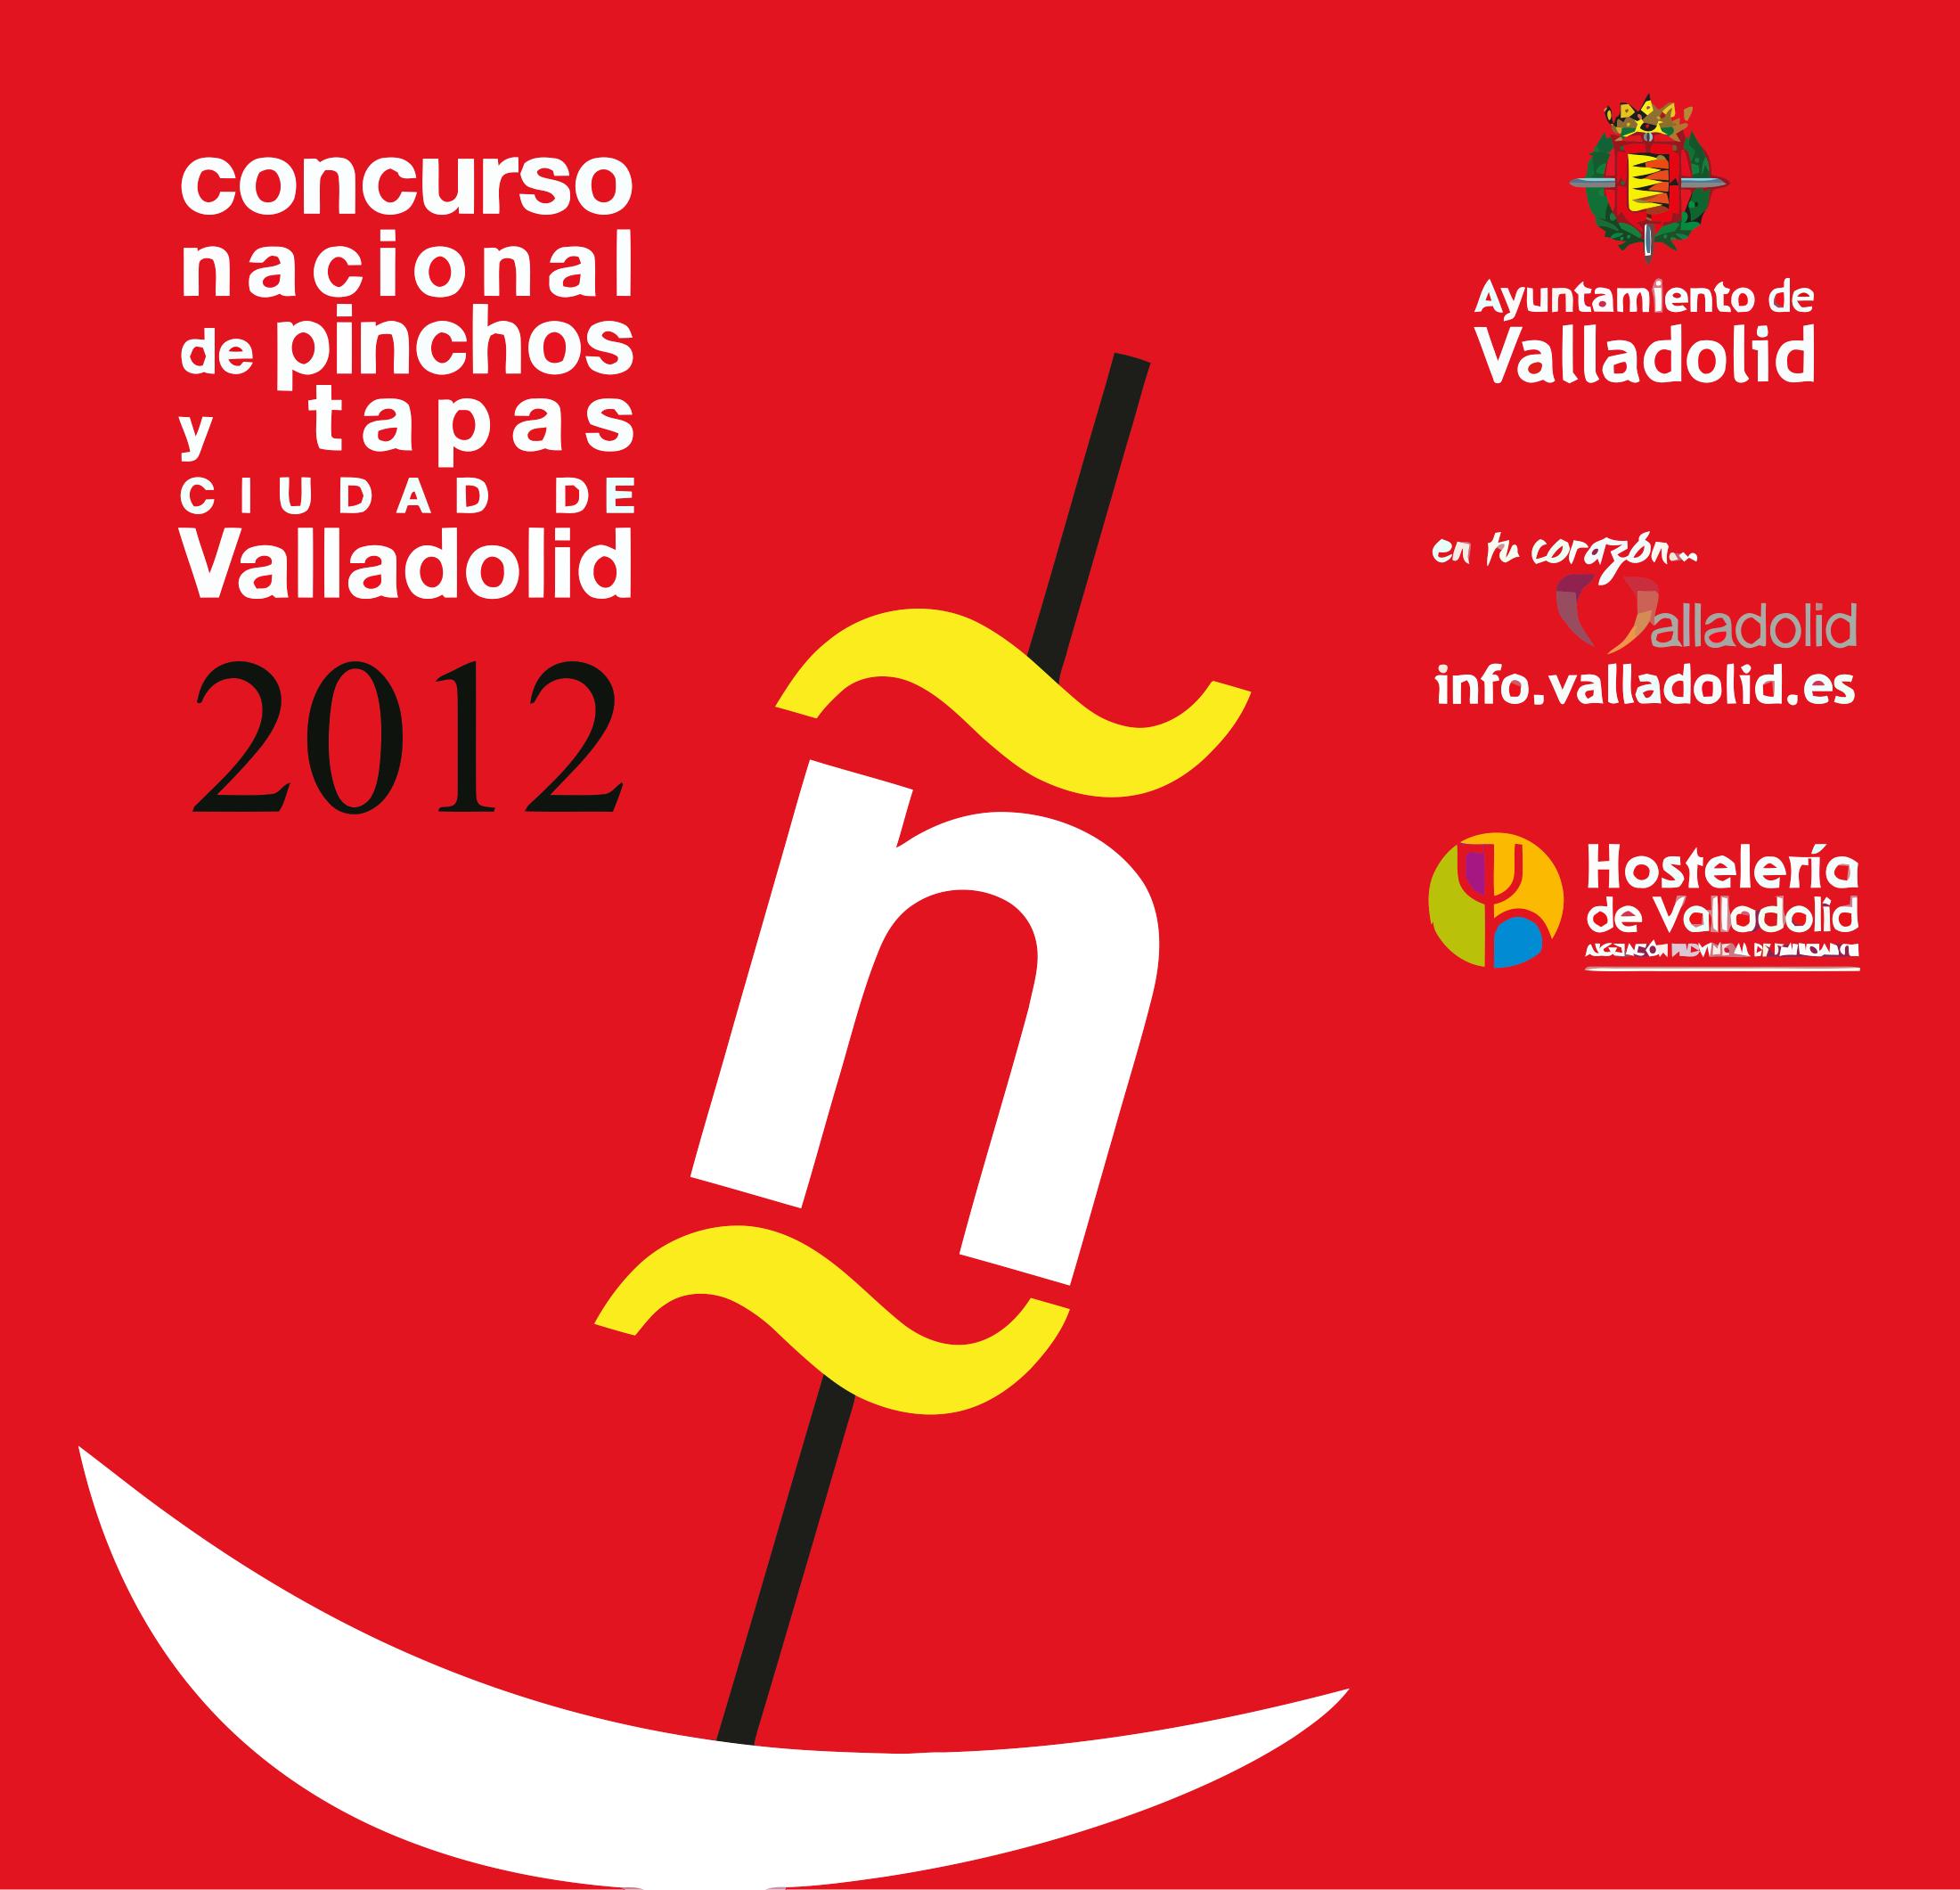 Concurso Nacional de Pinchos Valladolid 2012